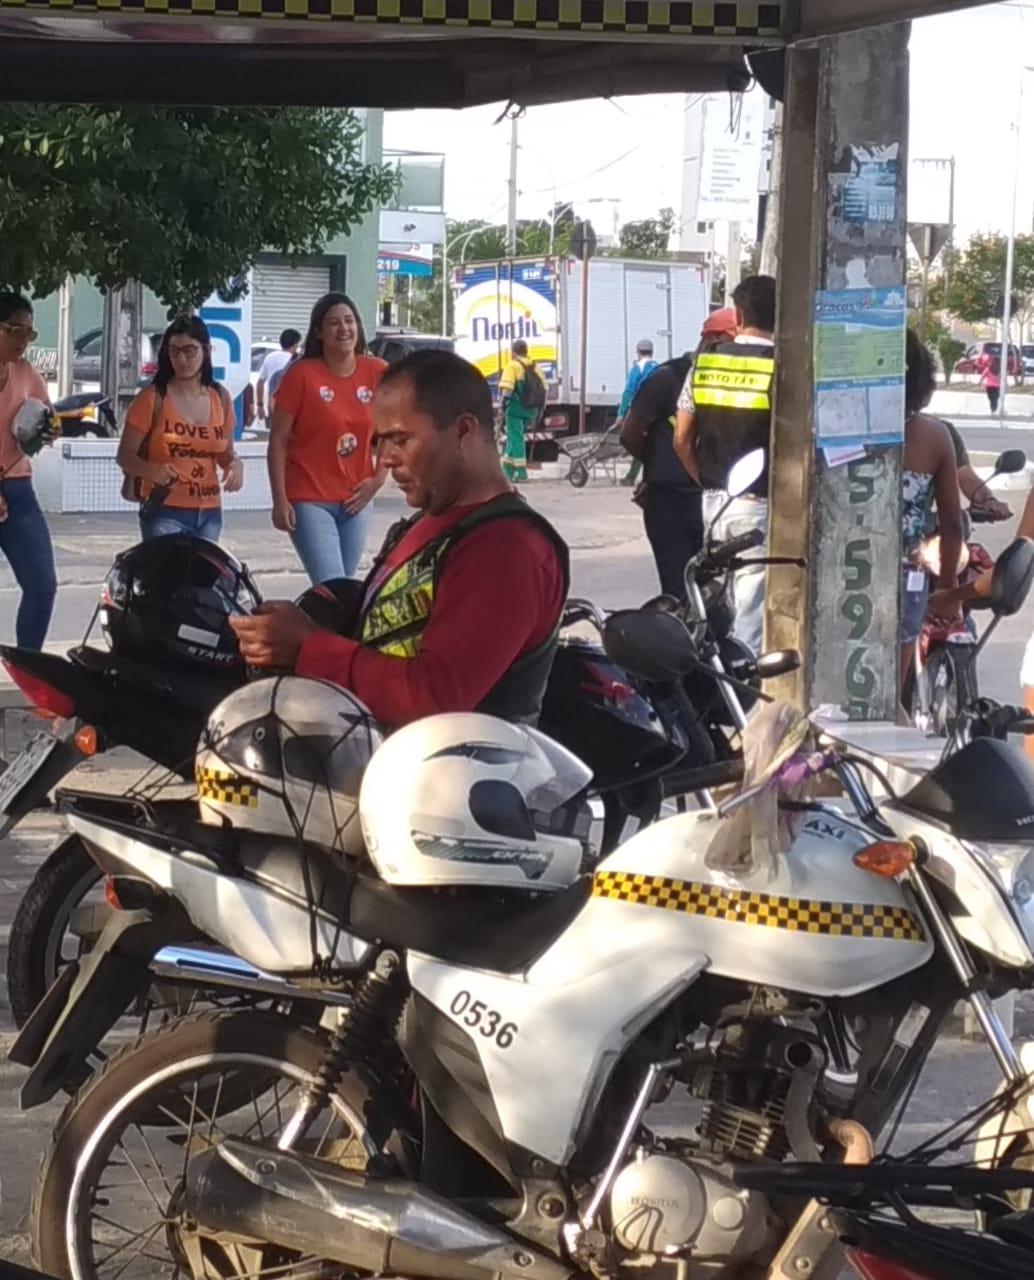 O dia a dia, o ambiente dos mototaxistas à espera por um cliente. Foto: Isaac Falcão.